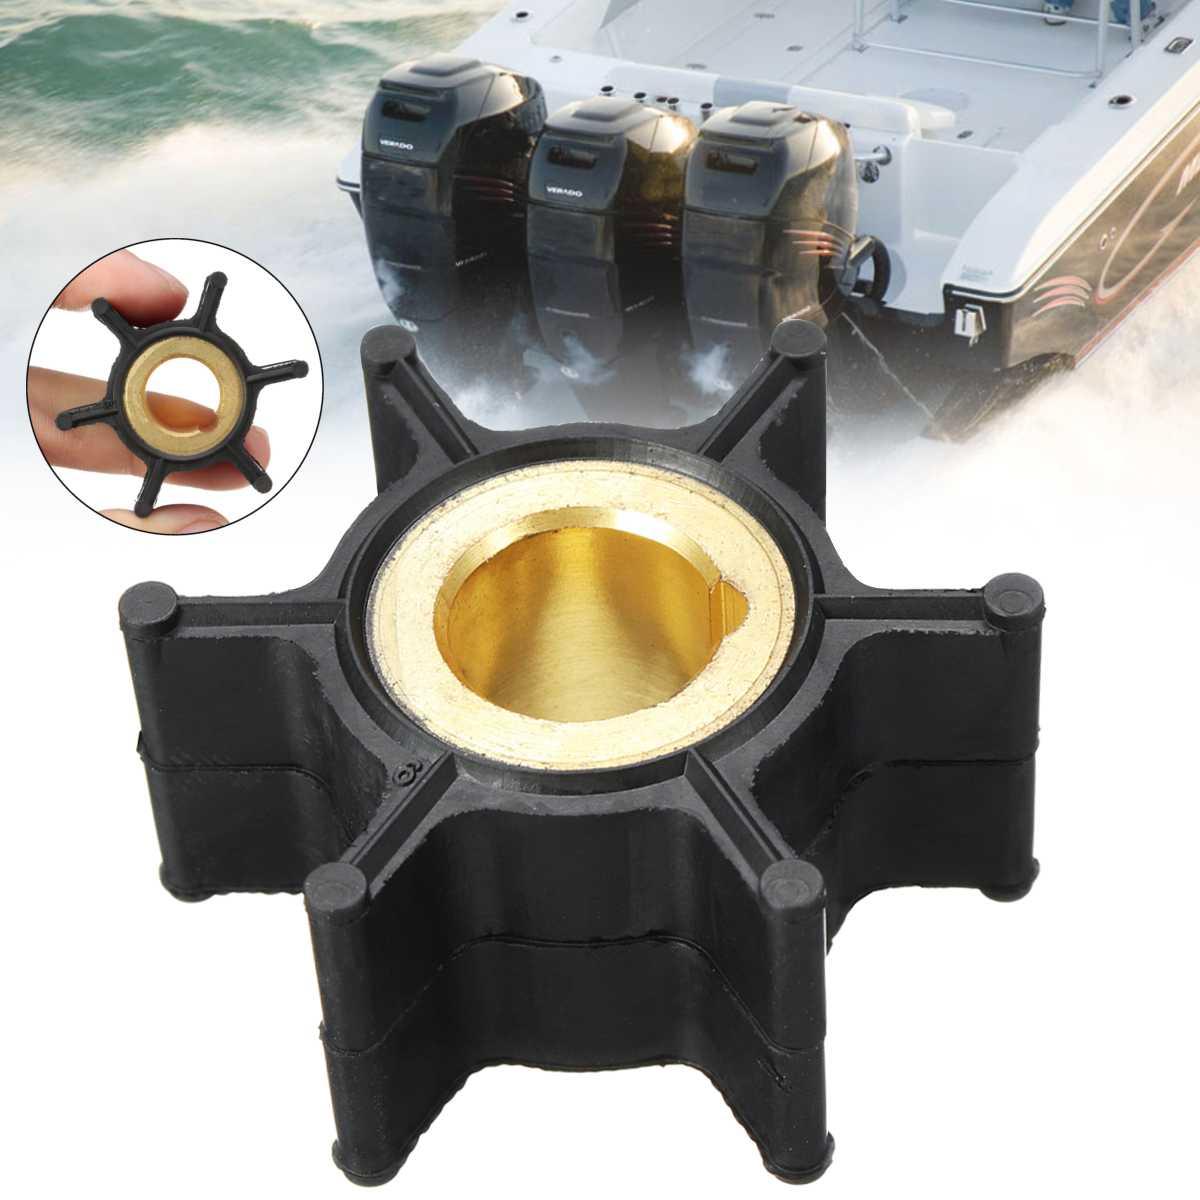 389576 436137 рабочее колесо водяного насоса для Evinrude Johnson 4HP-8HP подвесной мотор 6 лопастей черный резиновый диаметр 38 мм аксессуары